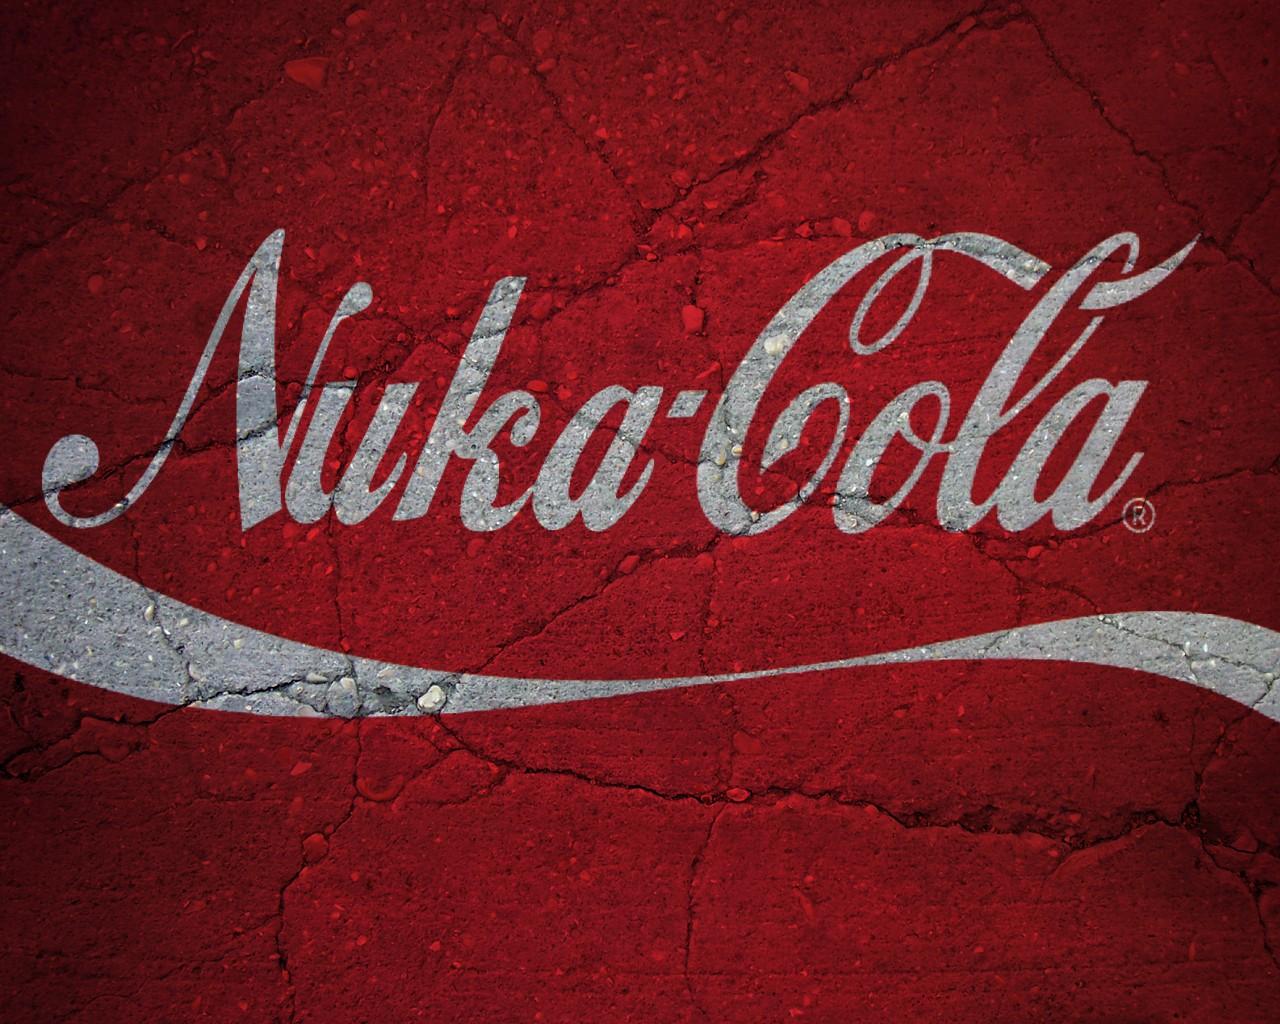 Fallout Nuka Cola 1280x1024 Px